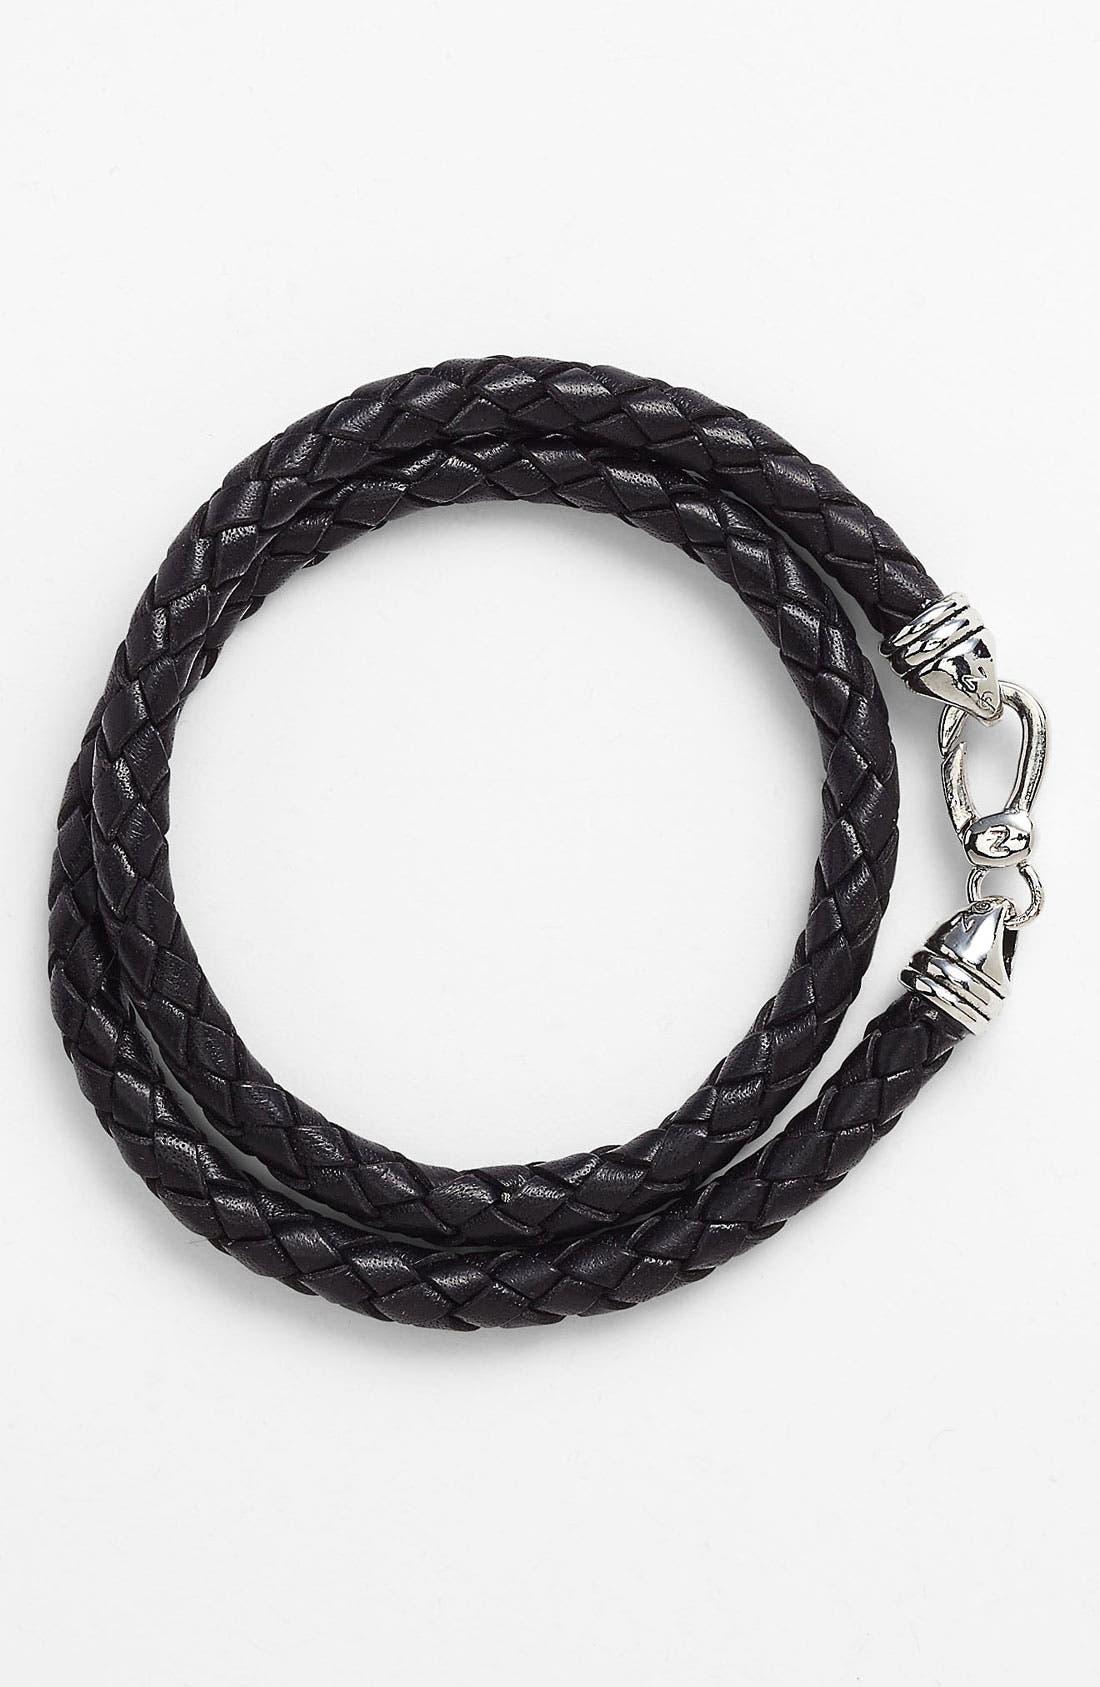 Main Image - Zack Wrap Braided Leather Bracelet